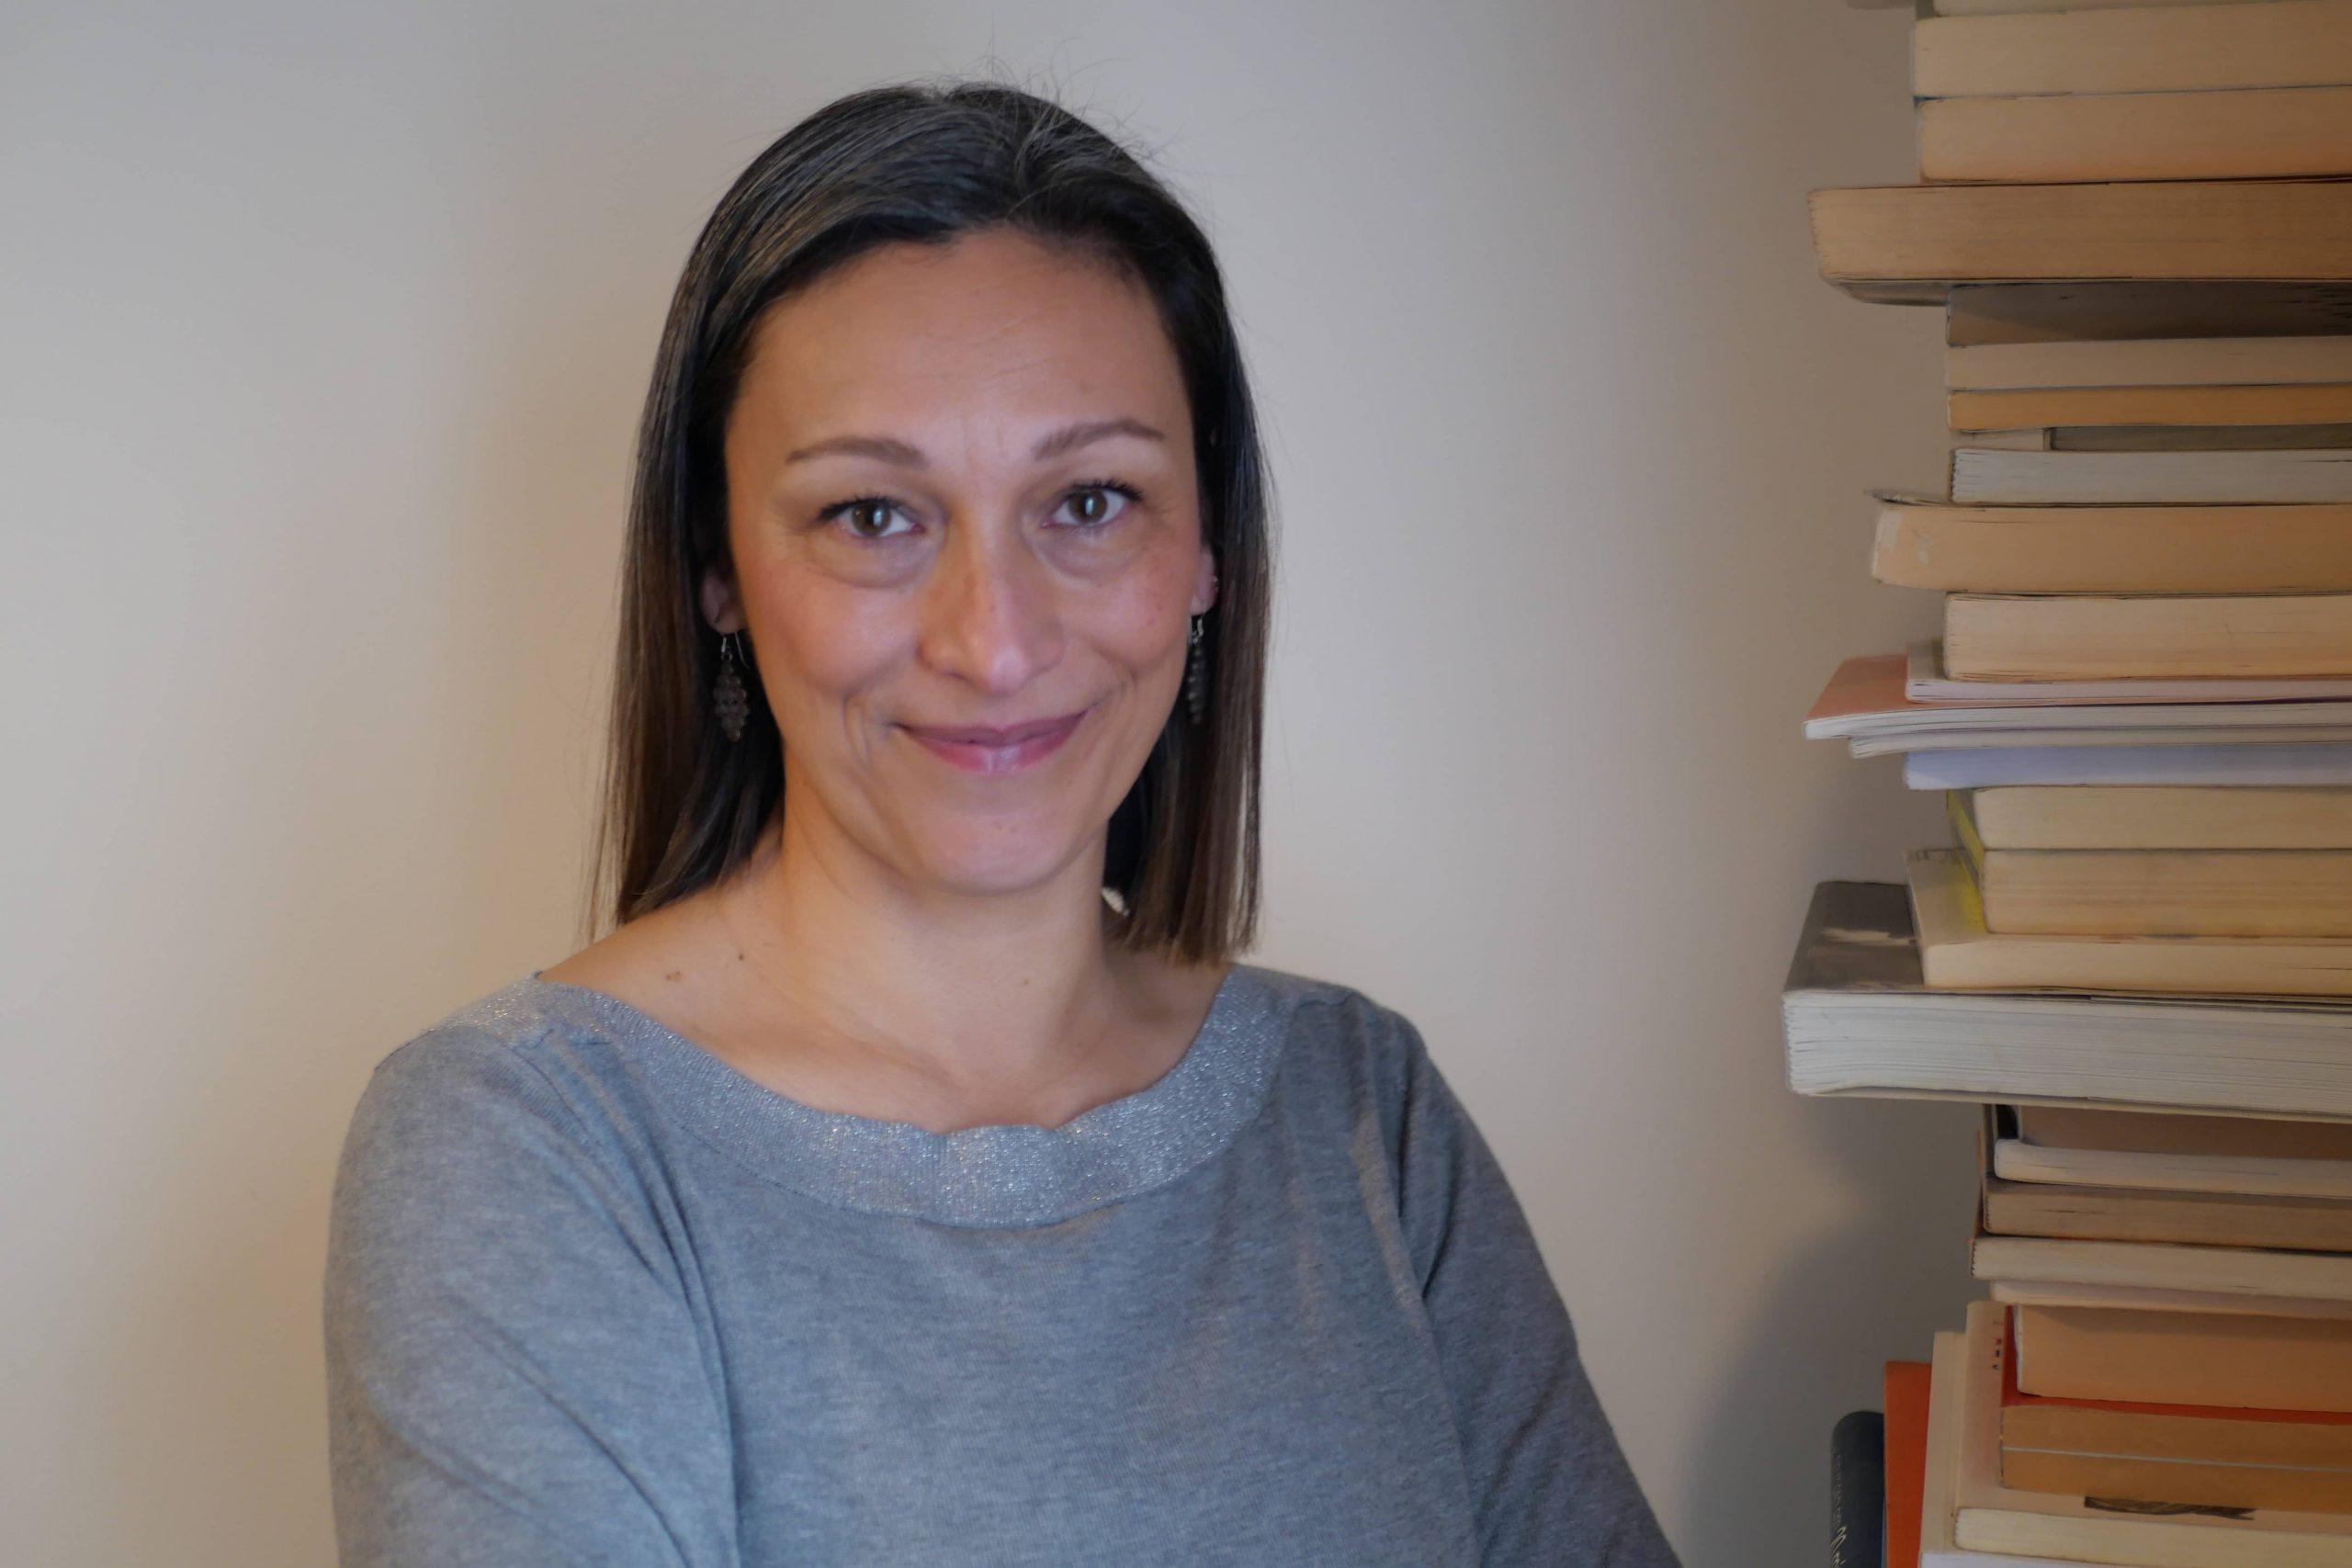 Claudia Davide Montalto se propone mejorar nuestras vidas con su libro «1 minuto minimalista»